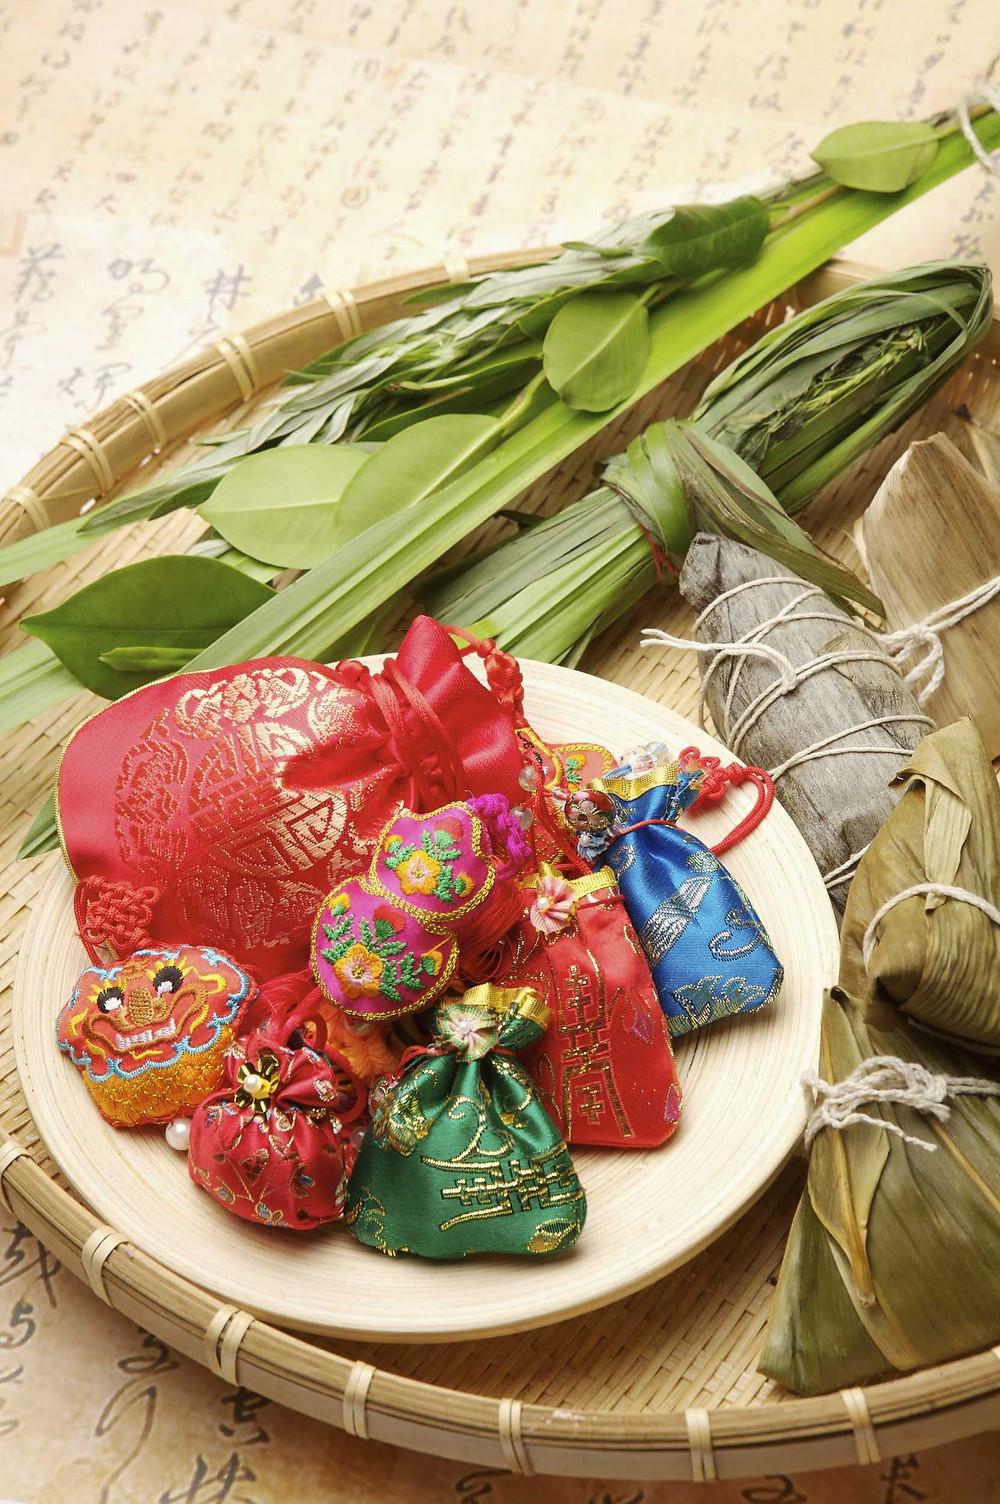 The Duanwu Festival